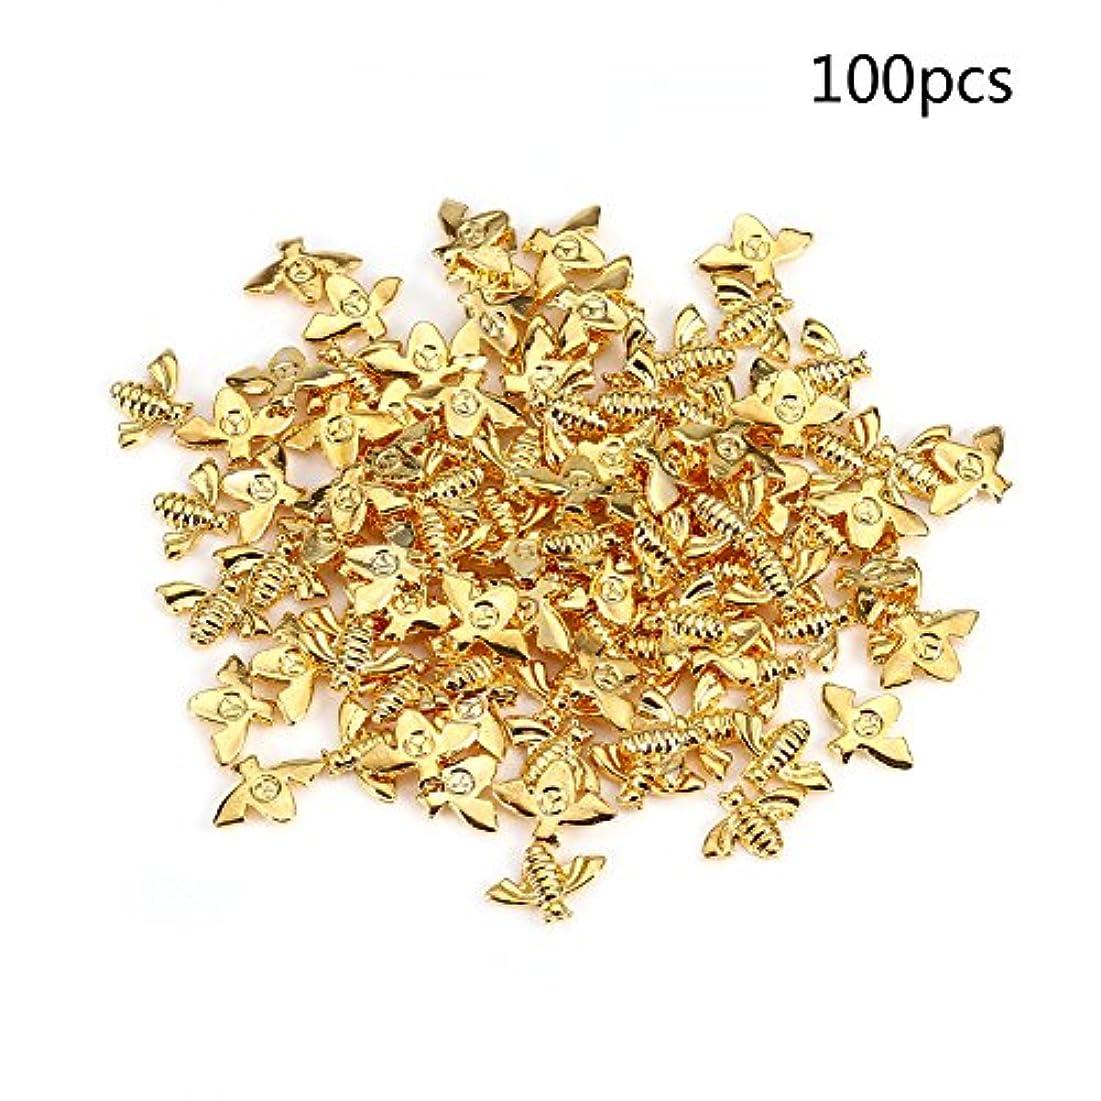 抑圧報復する杭メタルネイルデコレーション、2色100pcs / bag金属蜂3Dネイルデコレーションメタルスティックゴールドシルバーネイルデカールマニキュア (ゴールド)